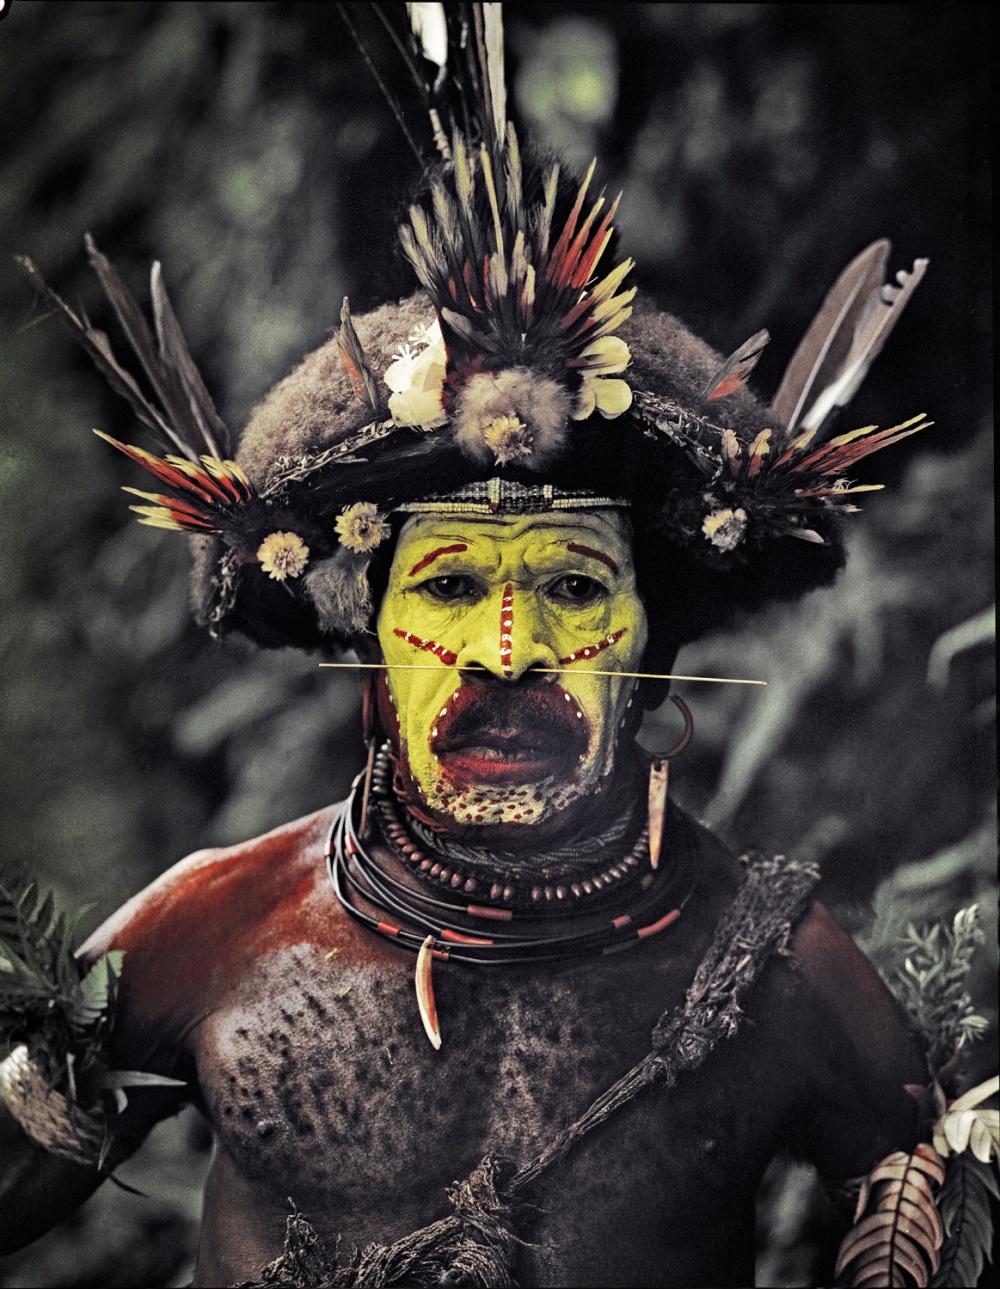 Особенная традиция племени— создание париков изсобственных волос. Выглядят эти парики как шляпы с